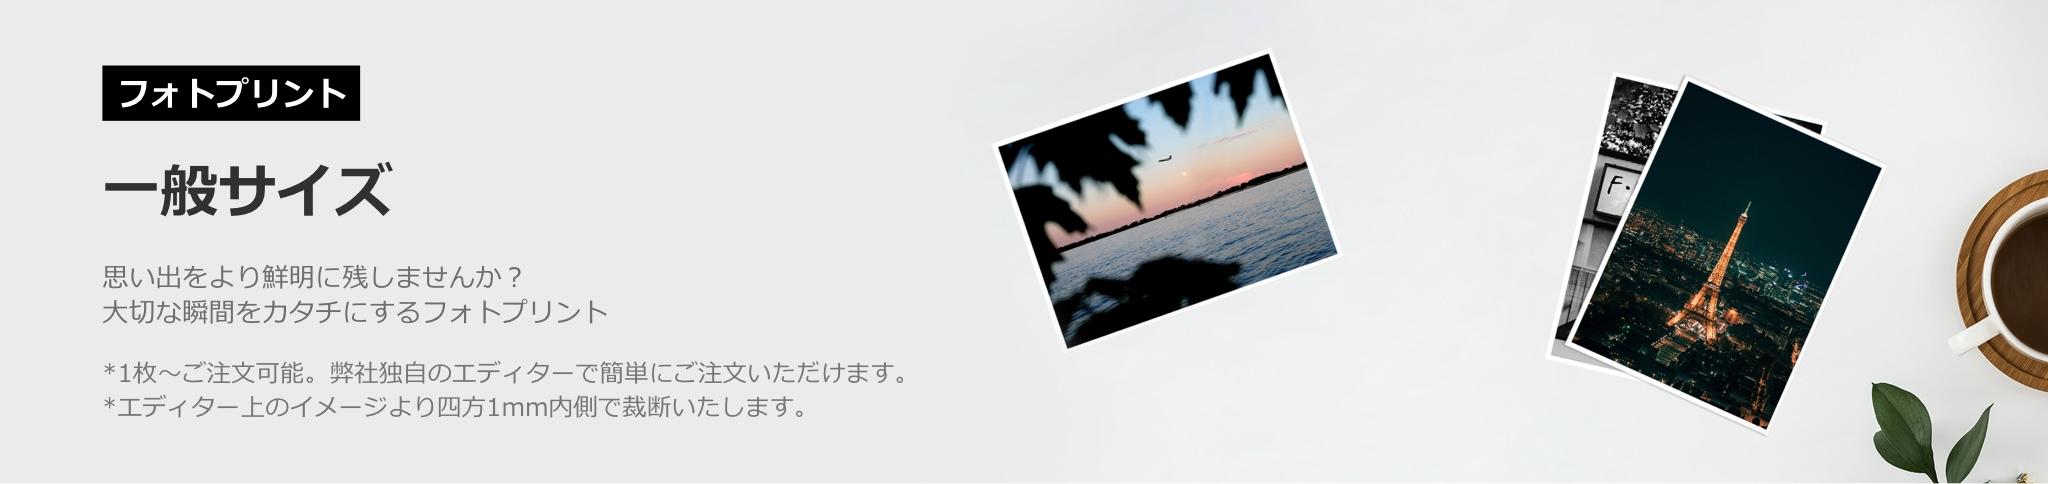 フォトプリント・写真プリント